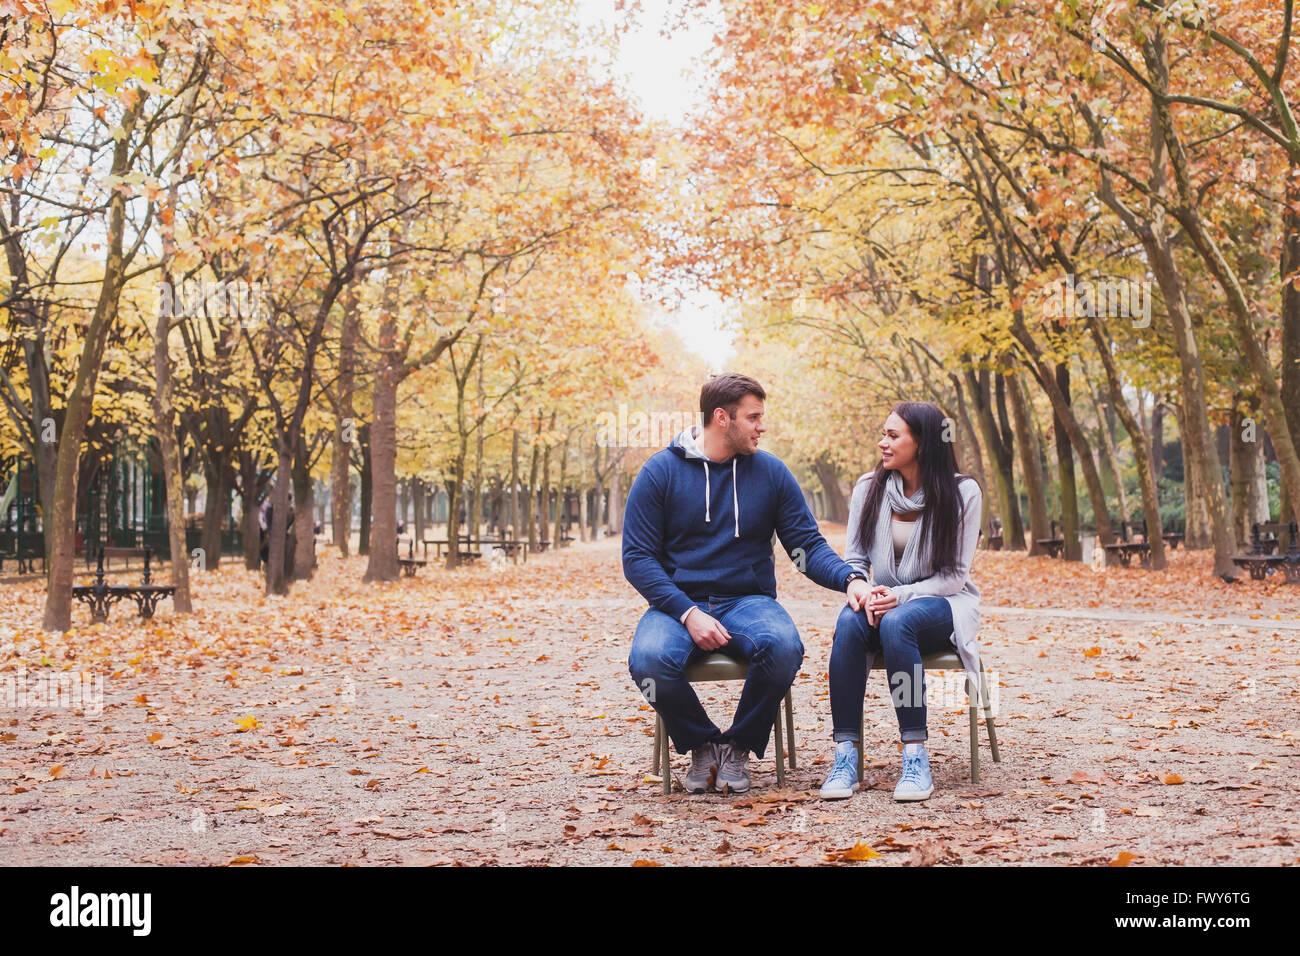 Un uomo e una donna relazione, psicologia familiare concetto, amore e dating Immagini Stock